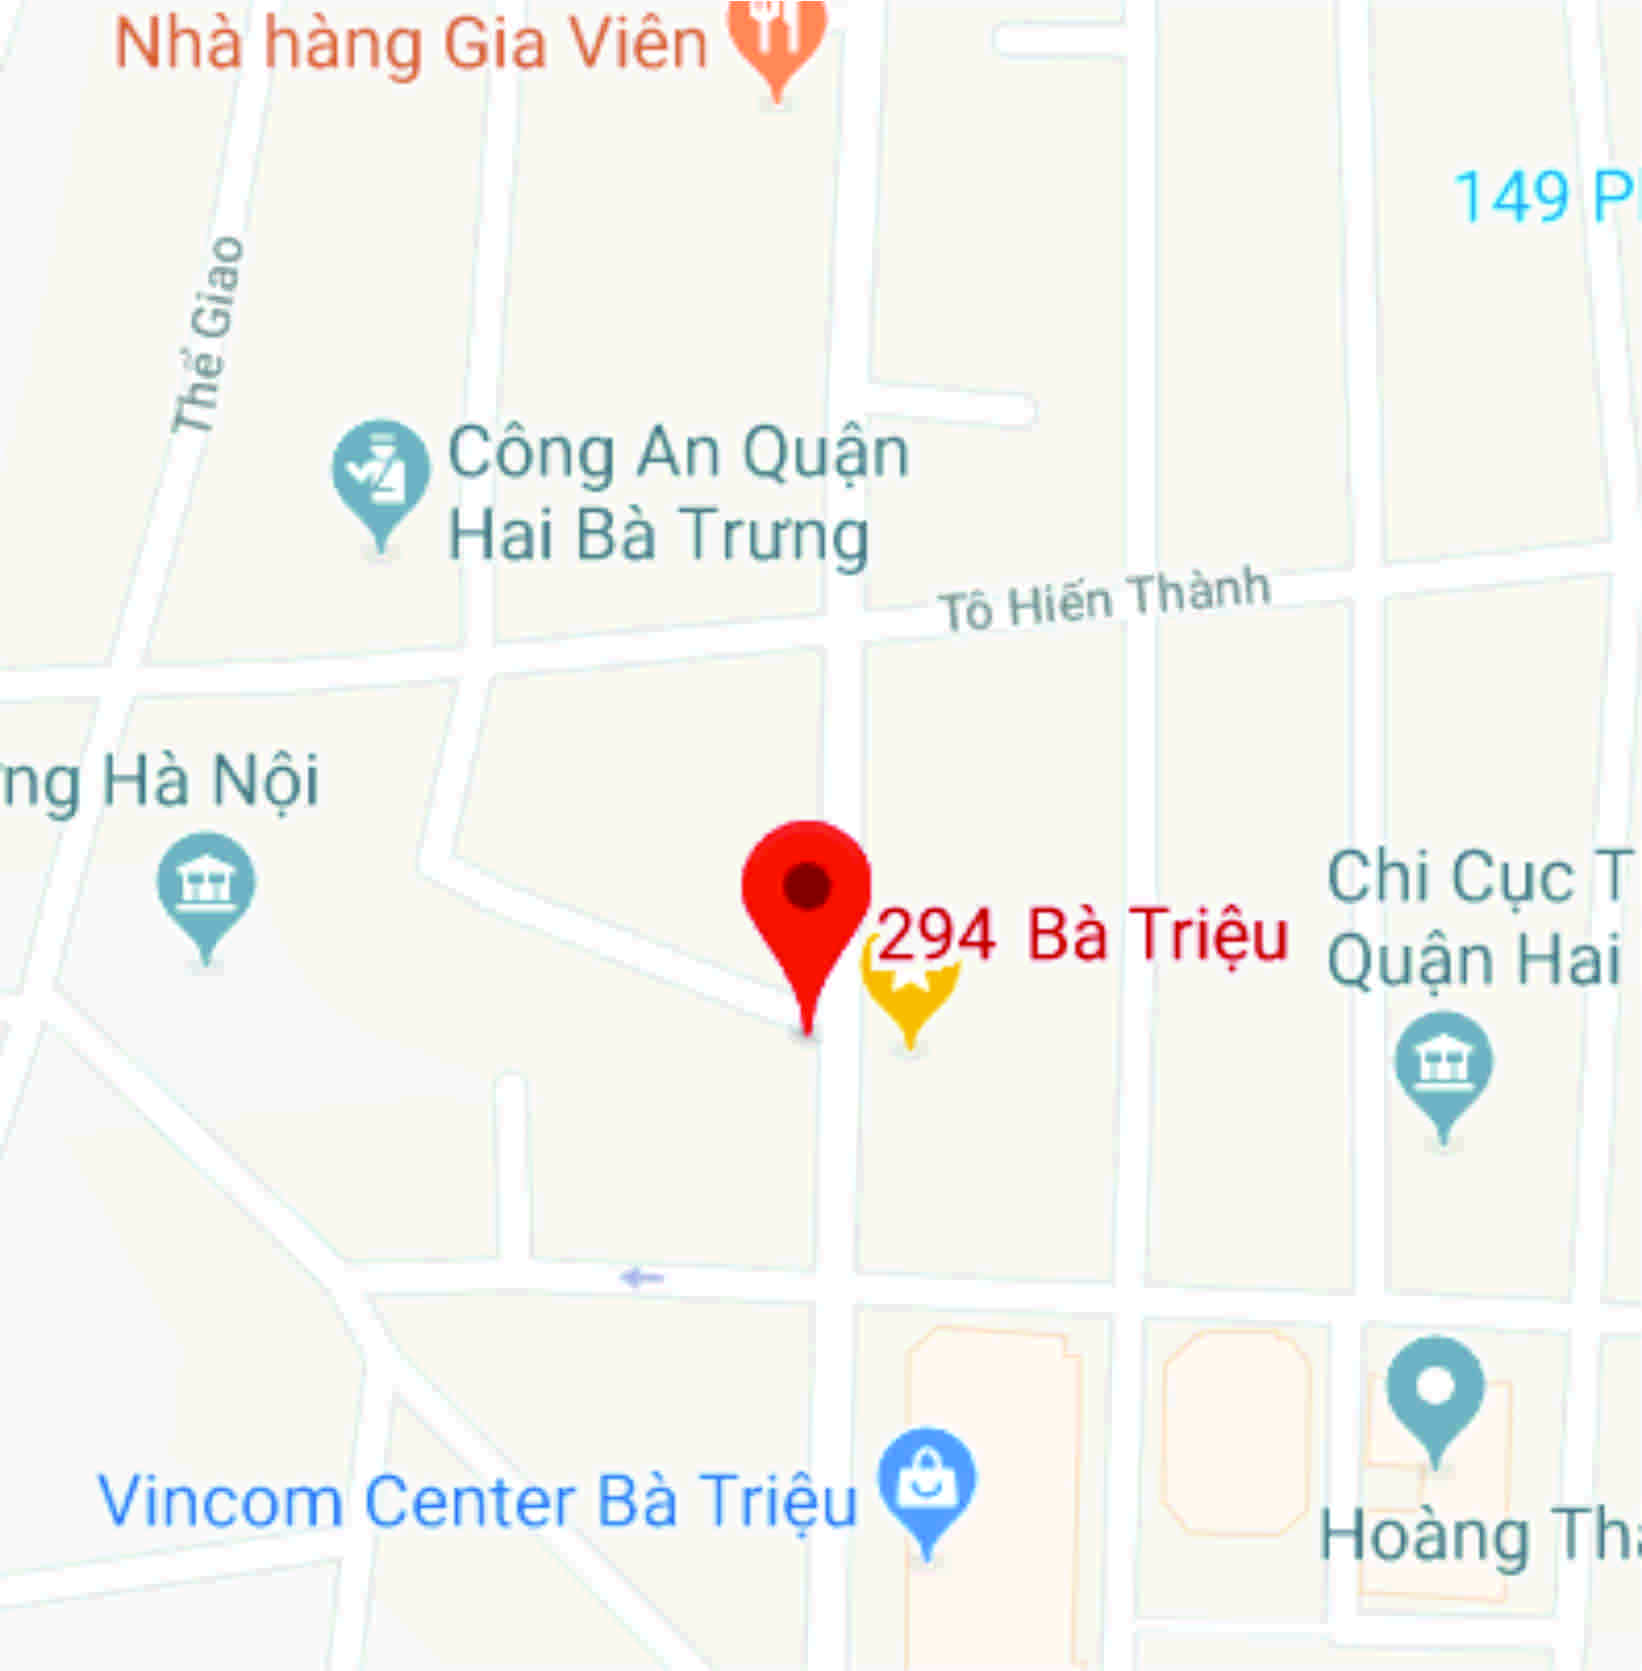 map187 Dịch thuật công chứng Truyền thông - Quảng cáo - Marketing - PR - Tiếp thị - Tờ rơi - Hướng dẫn sử dụng dịch thuật công chứng uy tín chất lượng VHD Hà Nội